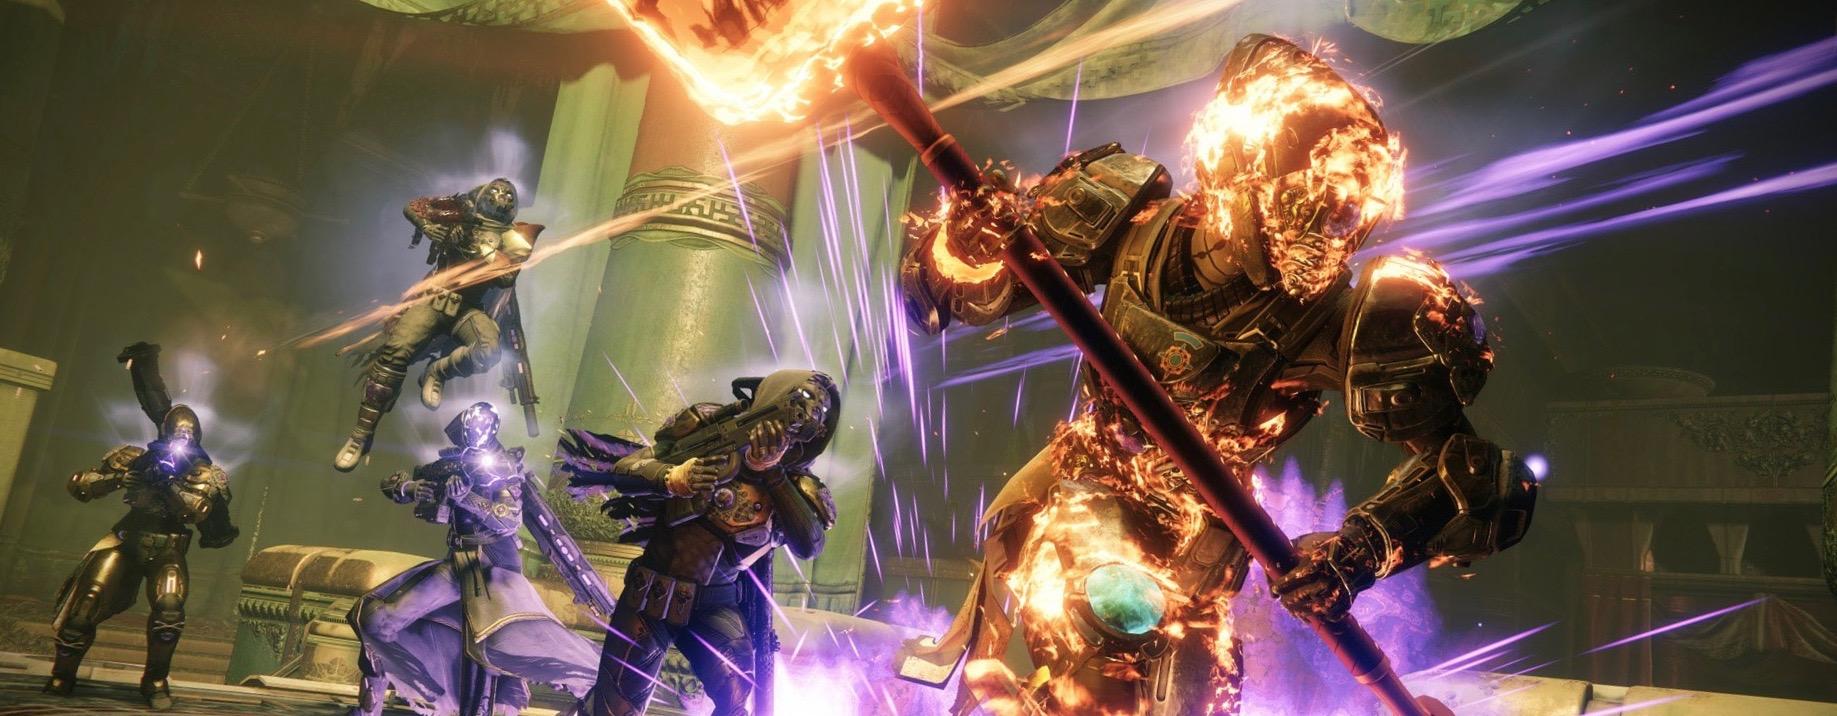 Destiny 2: In der Menagerie erlebt Ihr das Coolste aus Raids, bloß entspannt